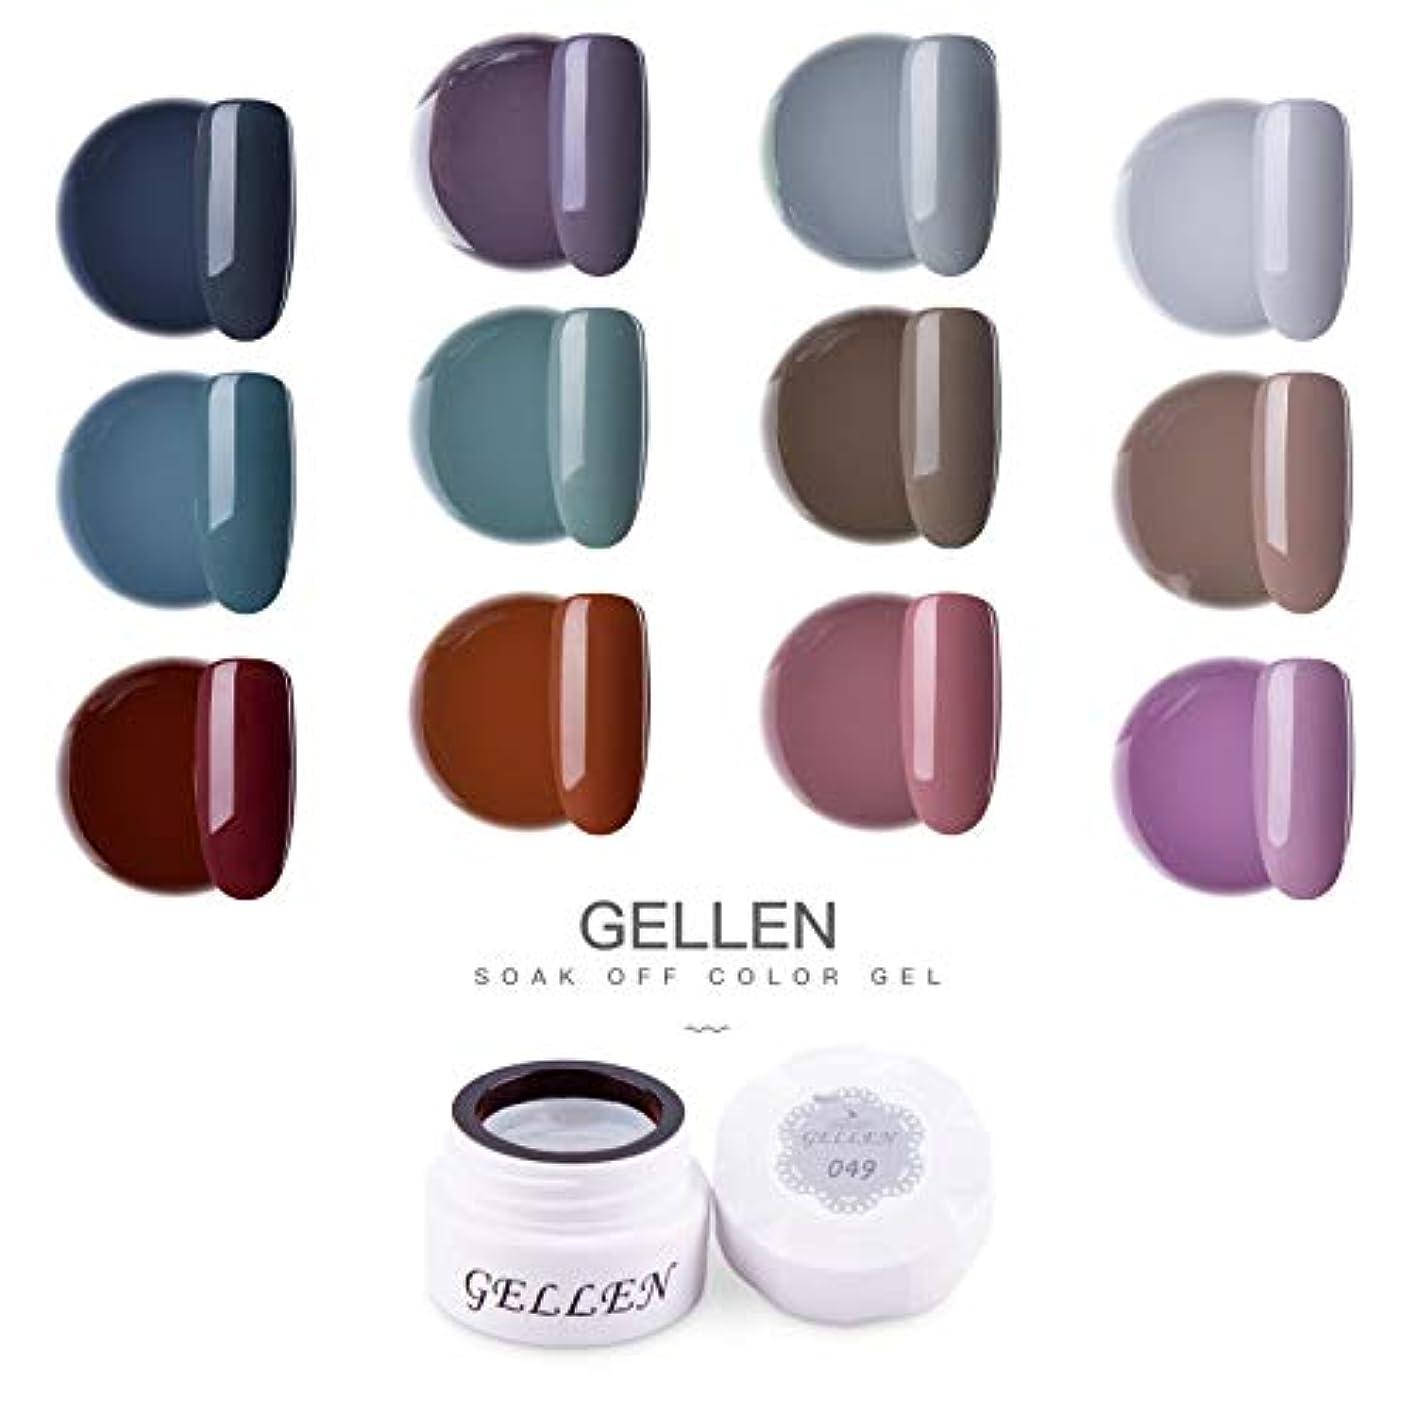 留まる無意識ドラフトGellen カラージェル 12色 セット[クラッシク シリーズ]高品質 5g ジェルネイル カラー ネイルブラシ付き